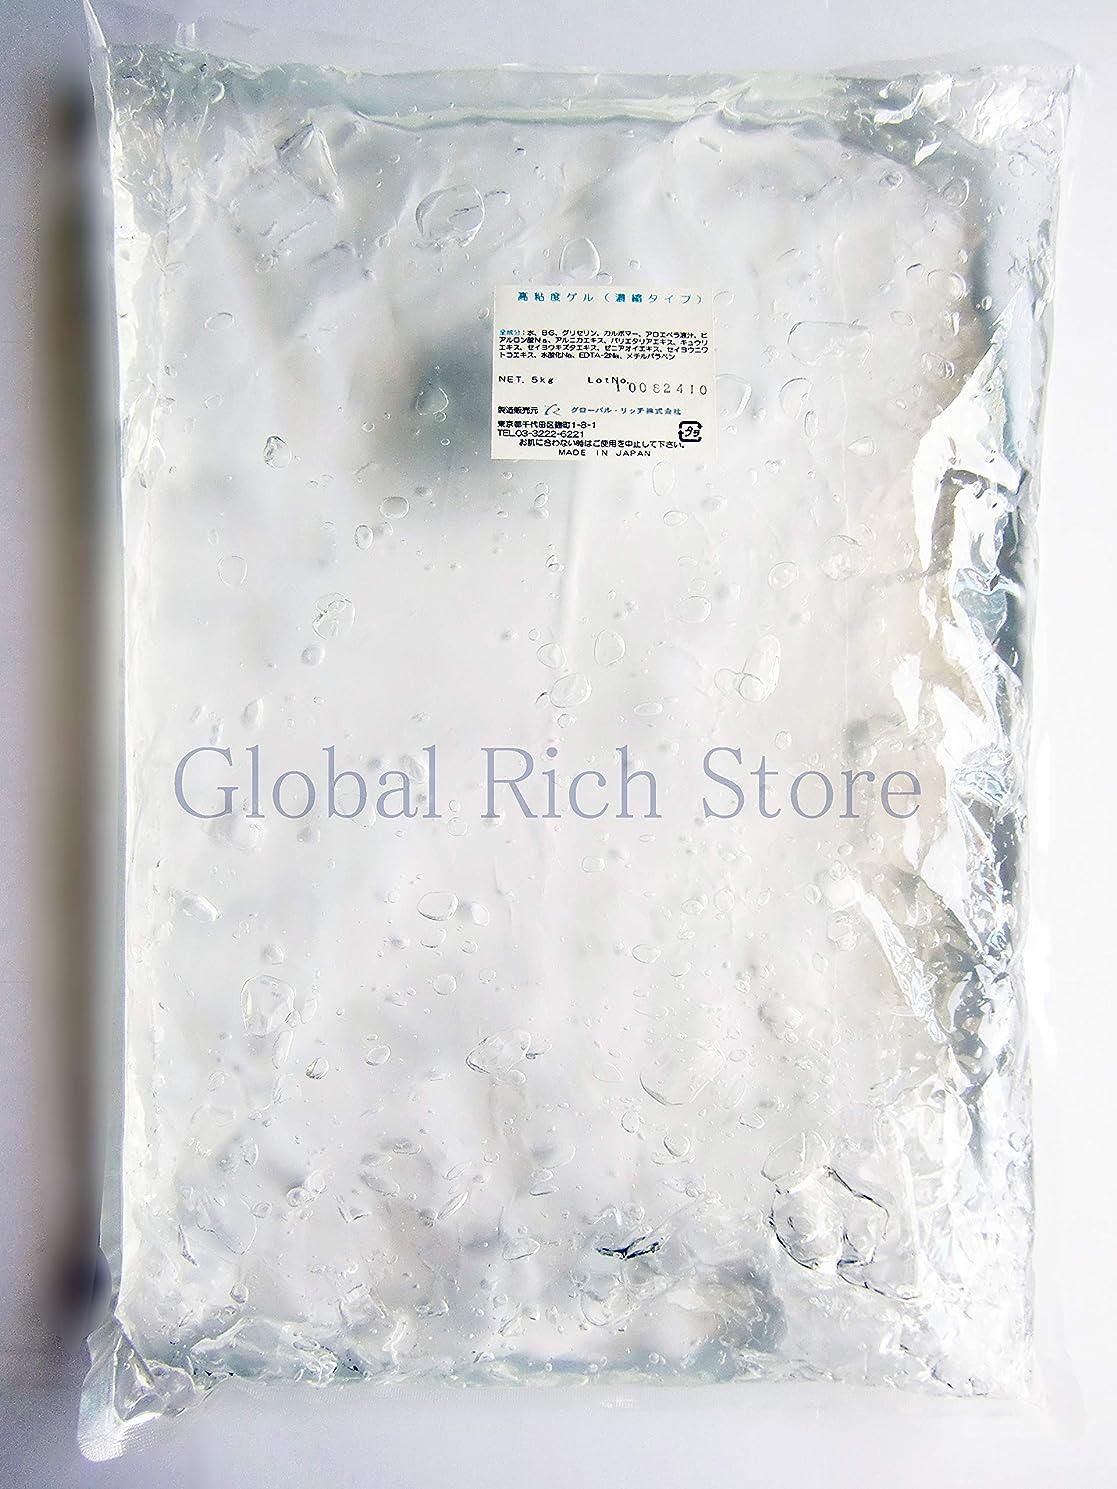 ビット病な研究所GRストアー 高粘度ゲル 5KG 売上1位! 格安高品質!